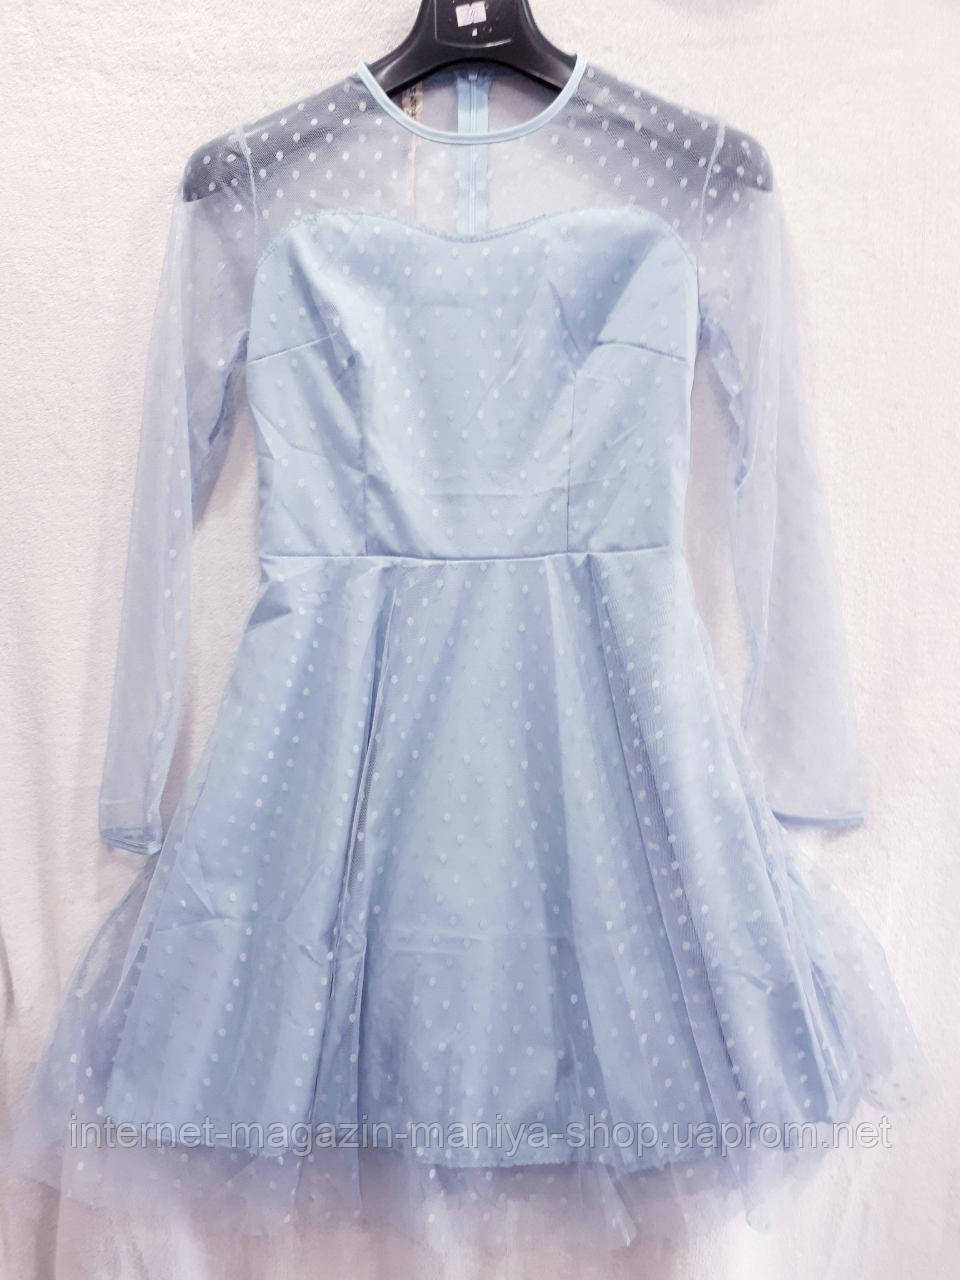 Платье женское сетка горох универсал 42-44 (лето)